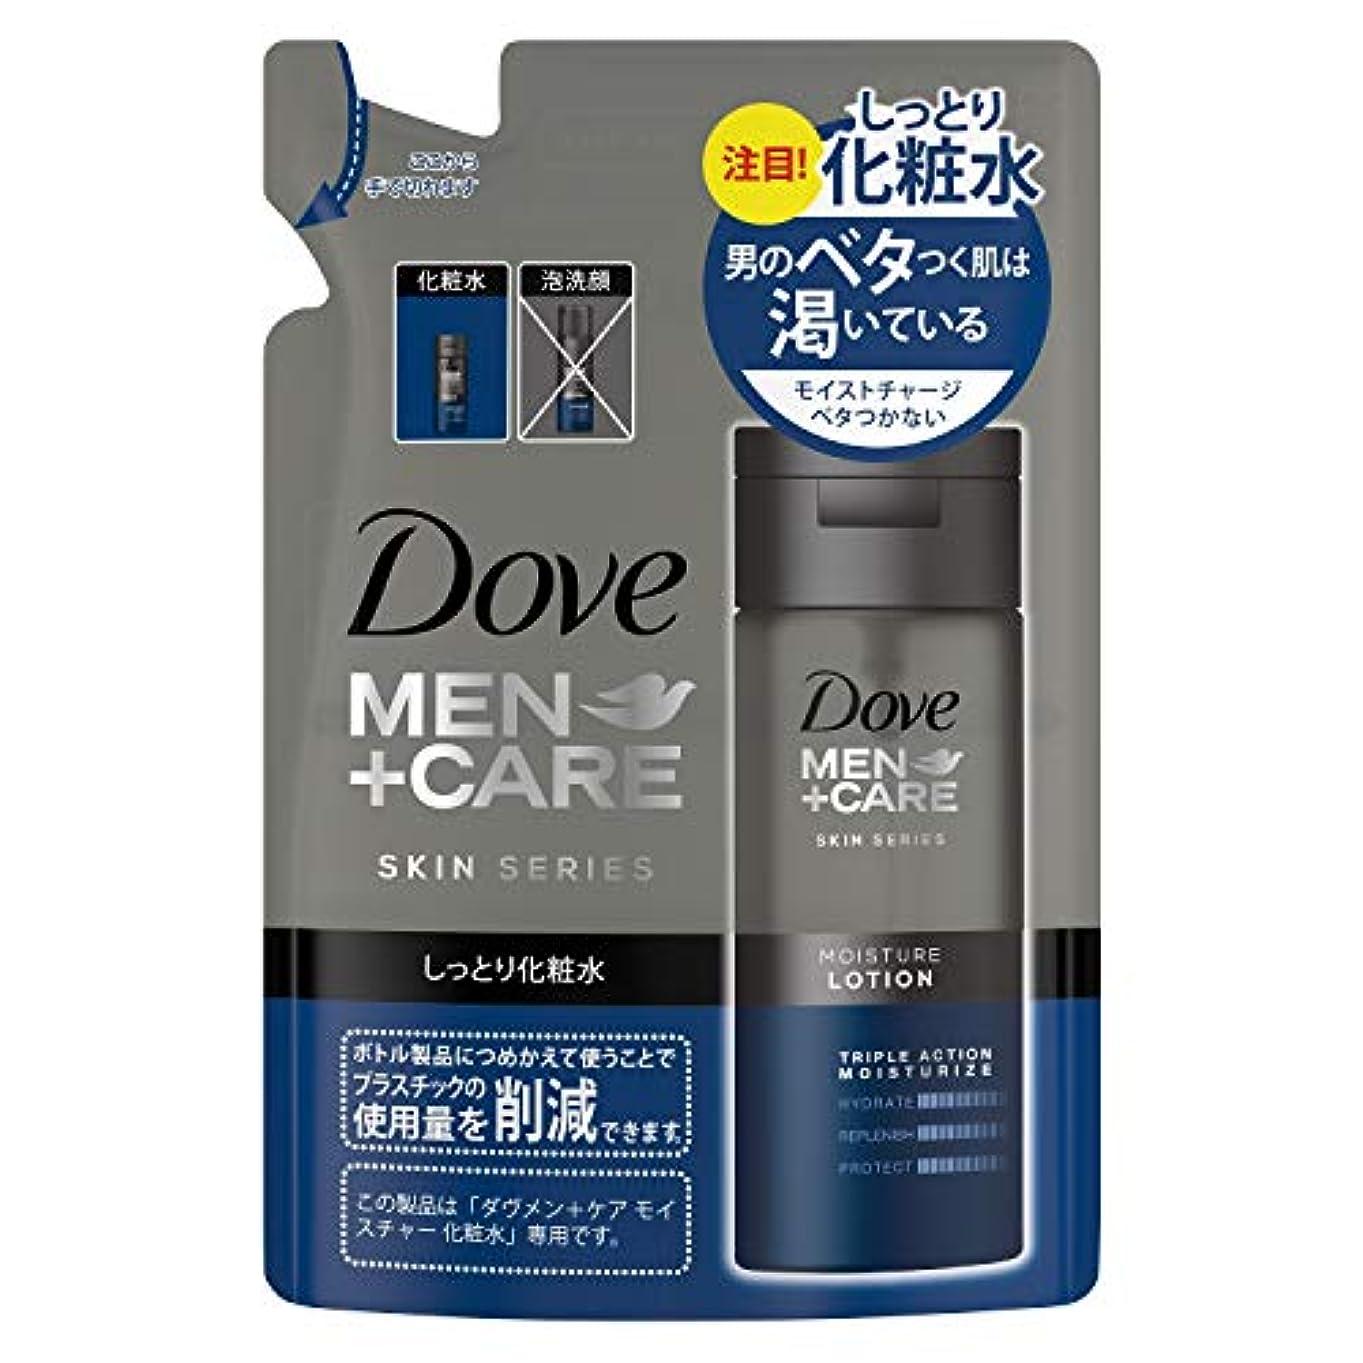 証明変わる不誠実ダヴ メン+ケア モイスチャー 化粧水 つめかえ用 130mL